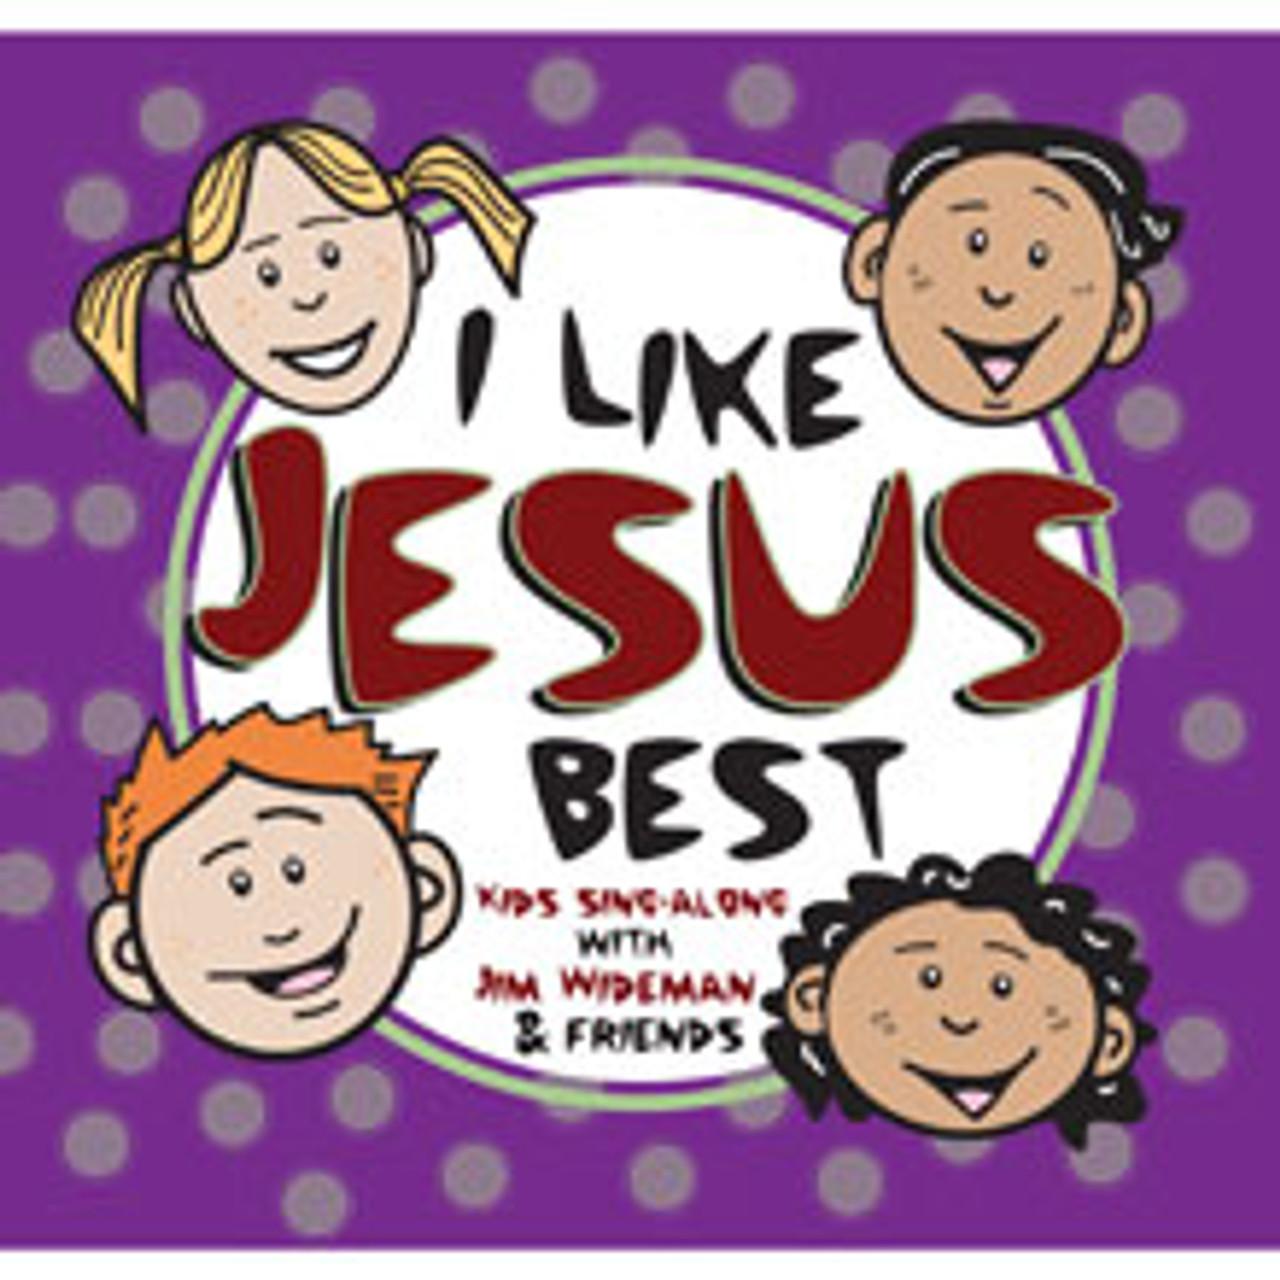 I Like Jesus Best